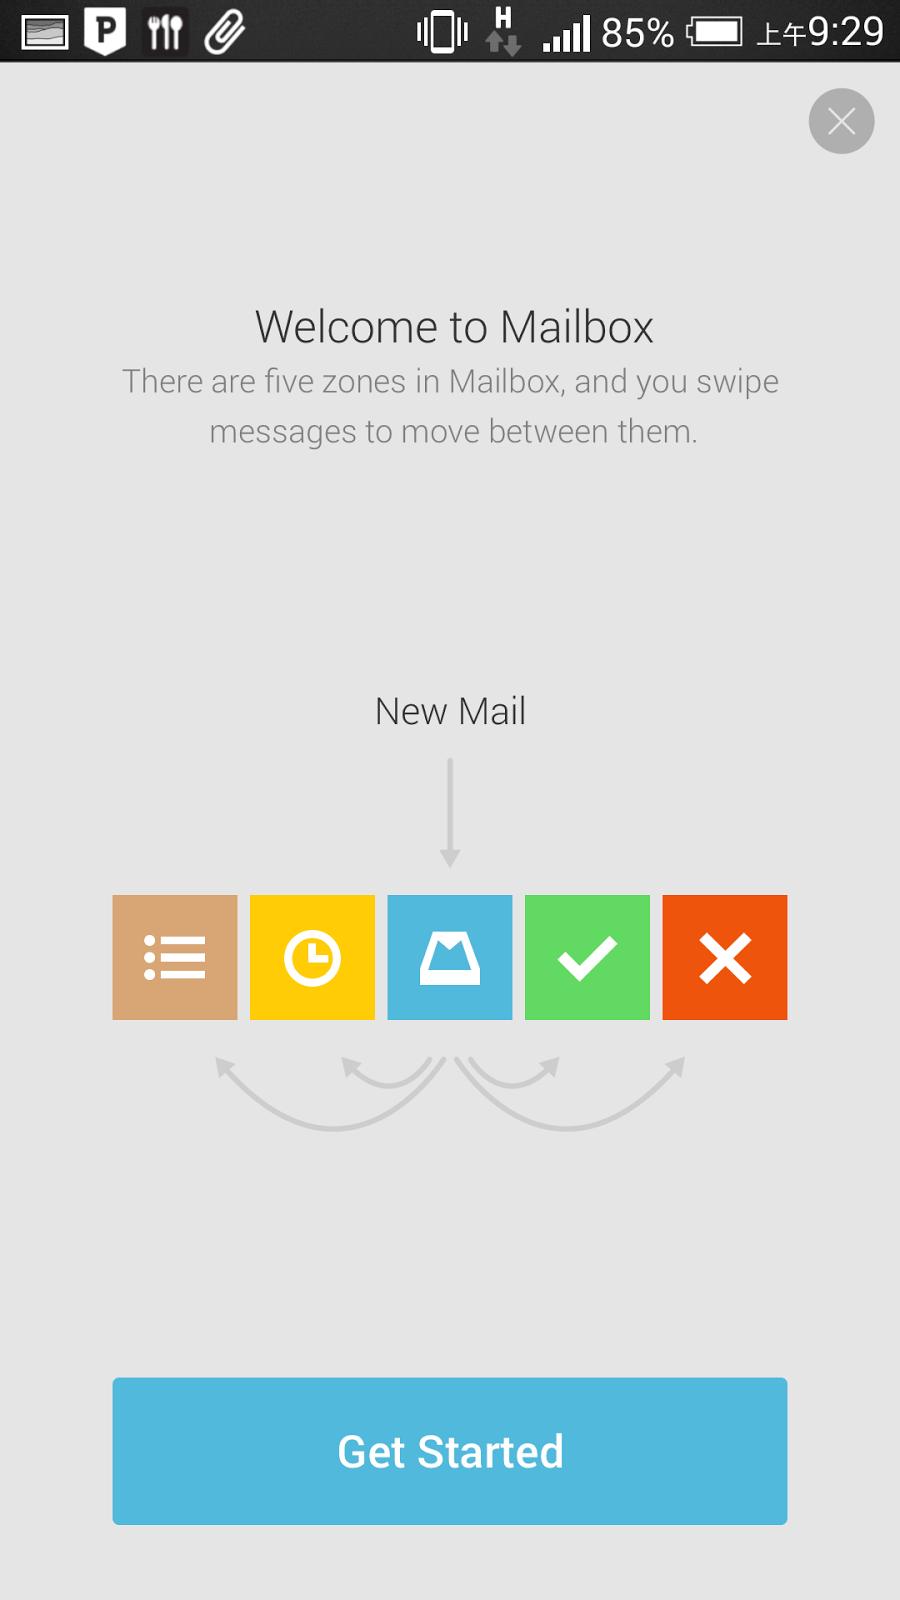 改變行動工作!電腦玩物 2014 最佳 Android App 推薦 mailbox-03